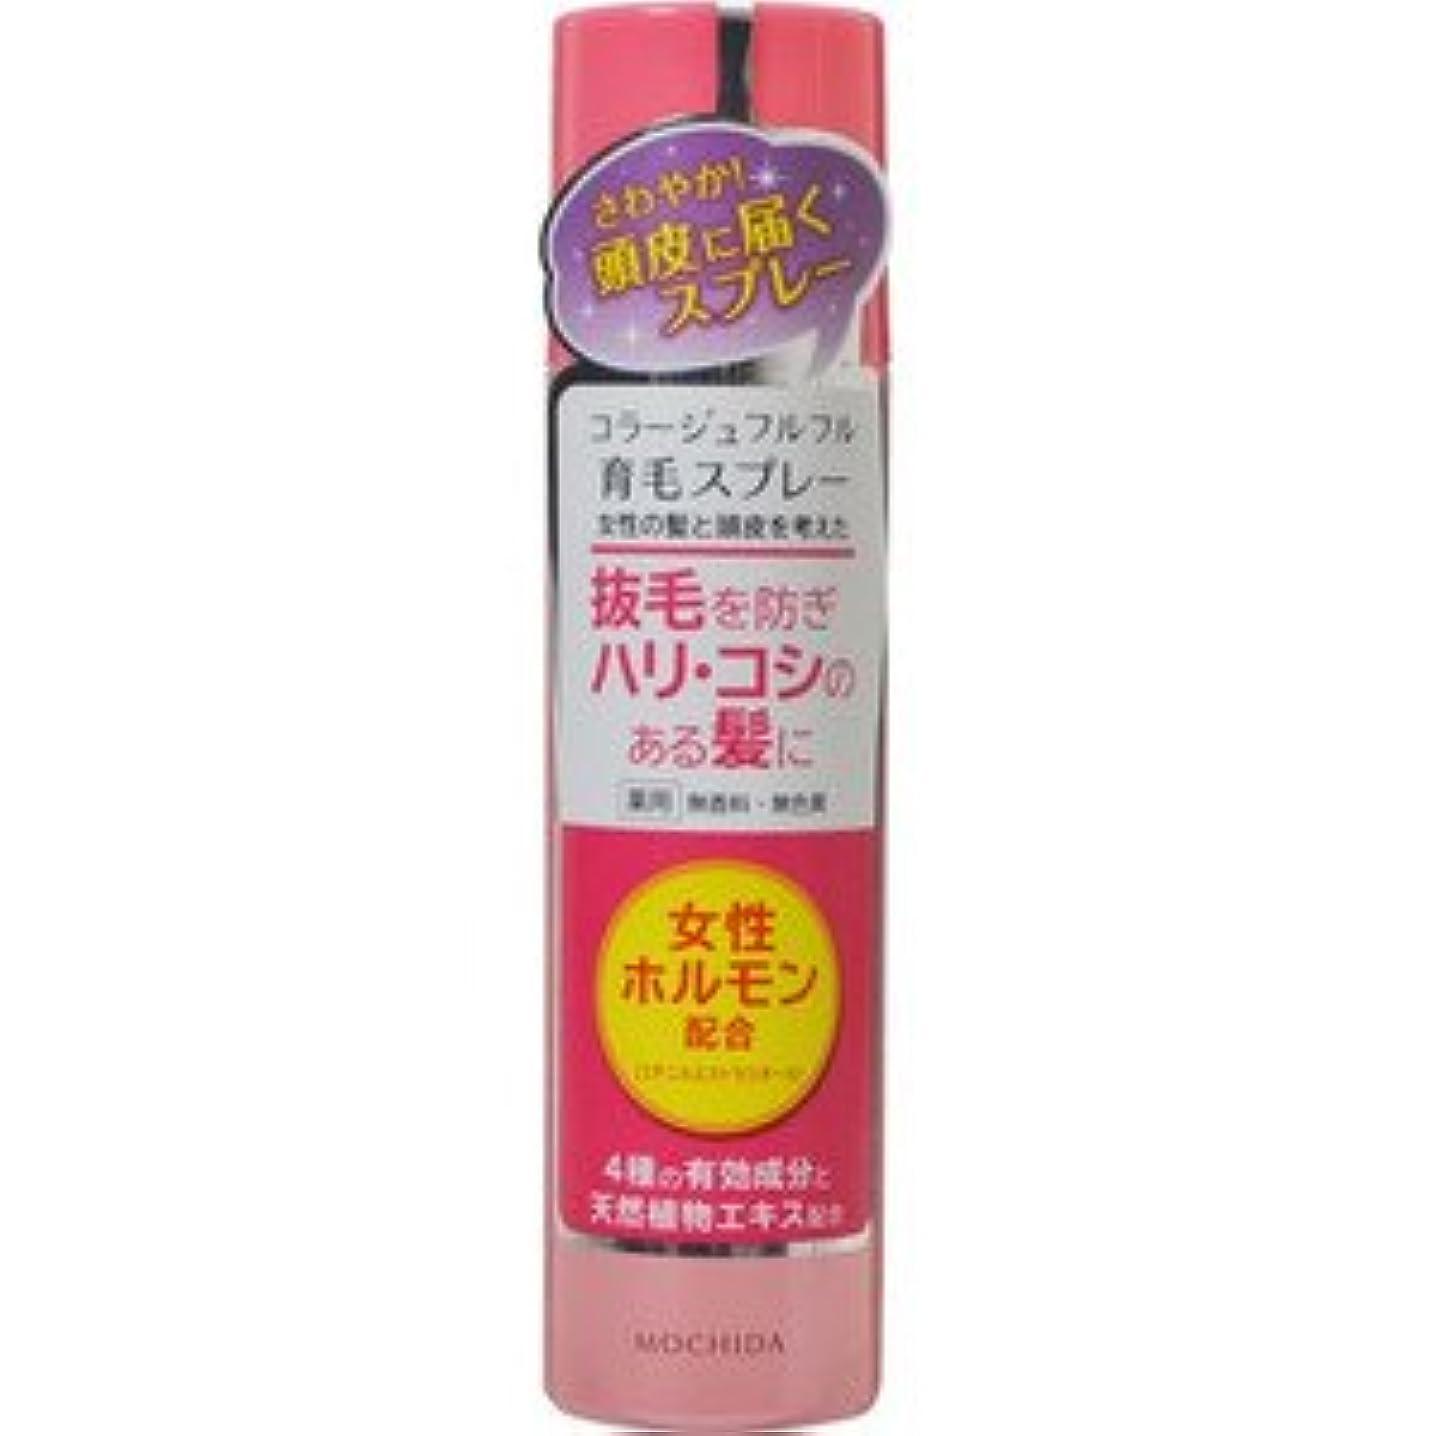 急性グロー境界(持田ヘルスケア)コラージュフルフル 育毛スプレー 150g(医薬部外品)